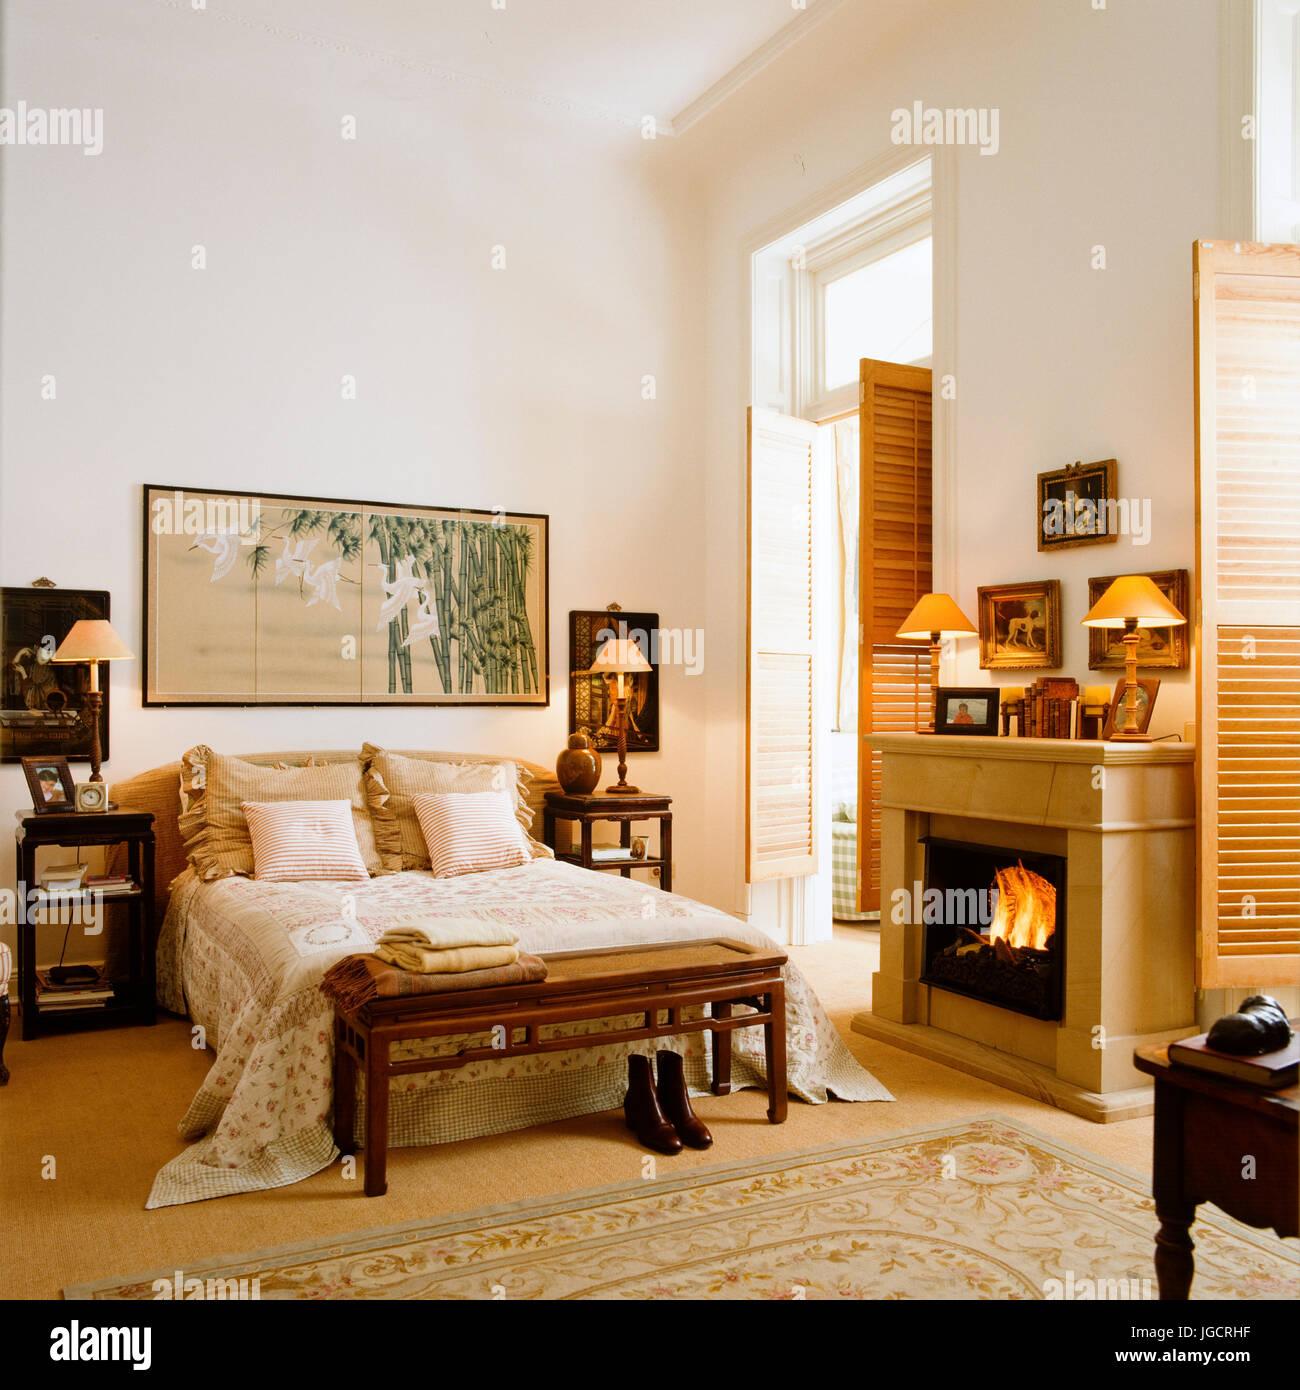 Orientalischen Stil Schlafzimmer Stockfotografie - Alamy